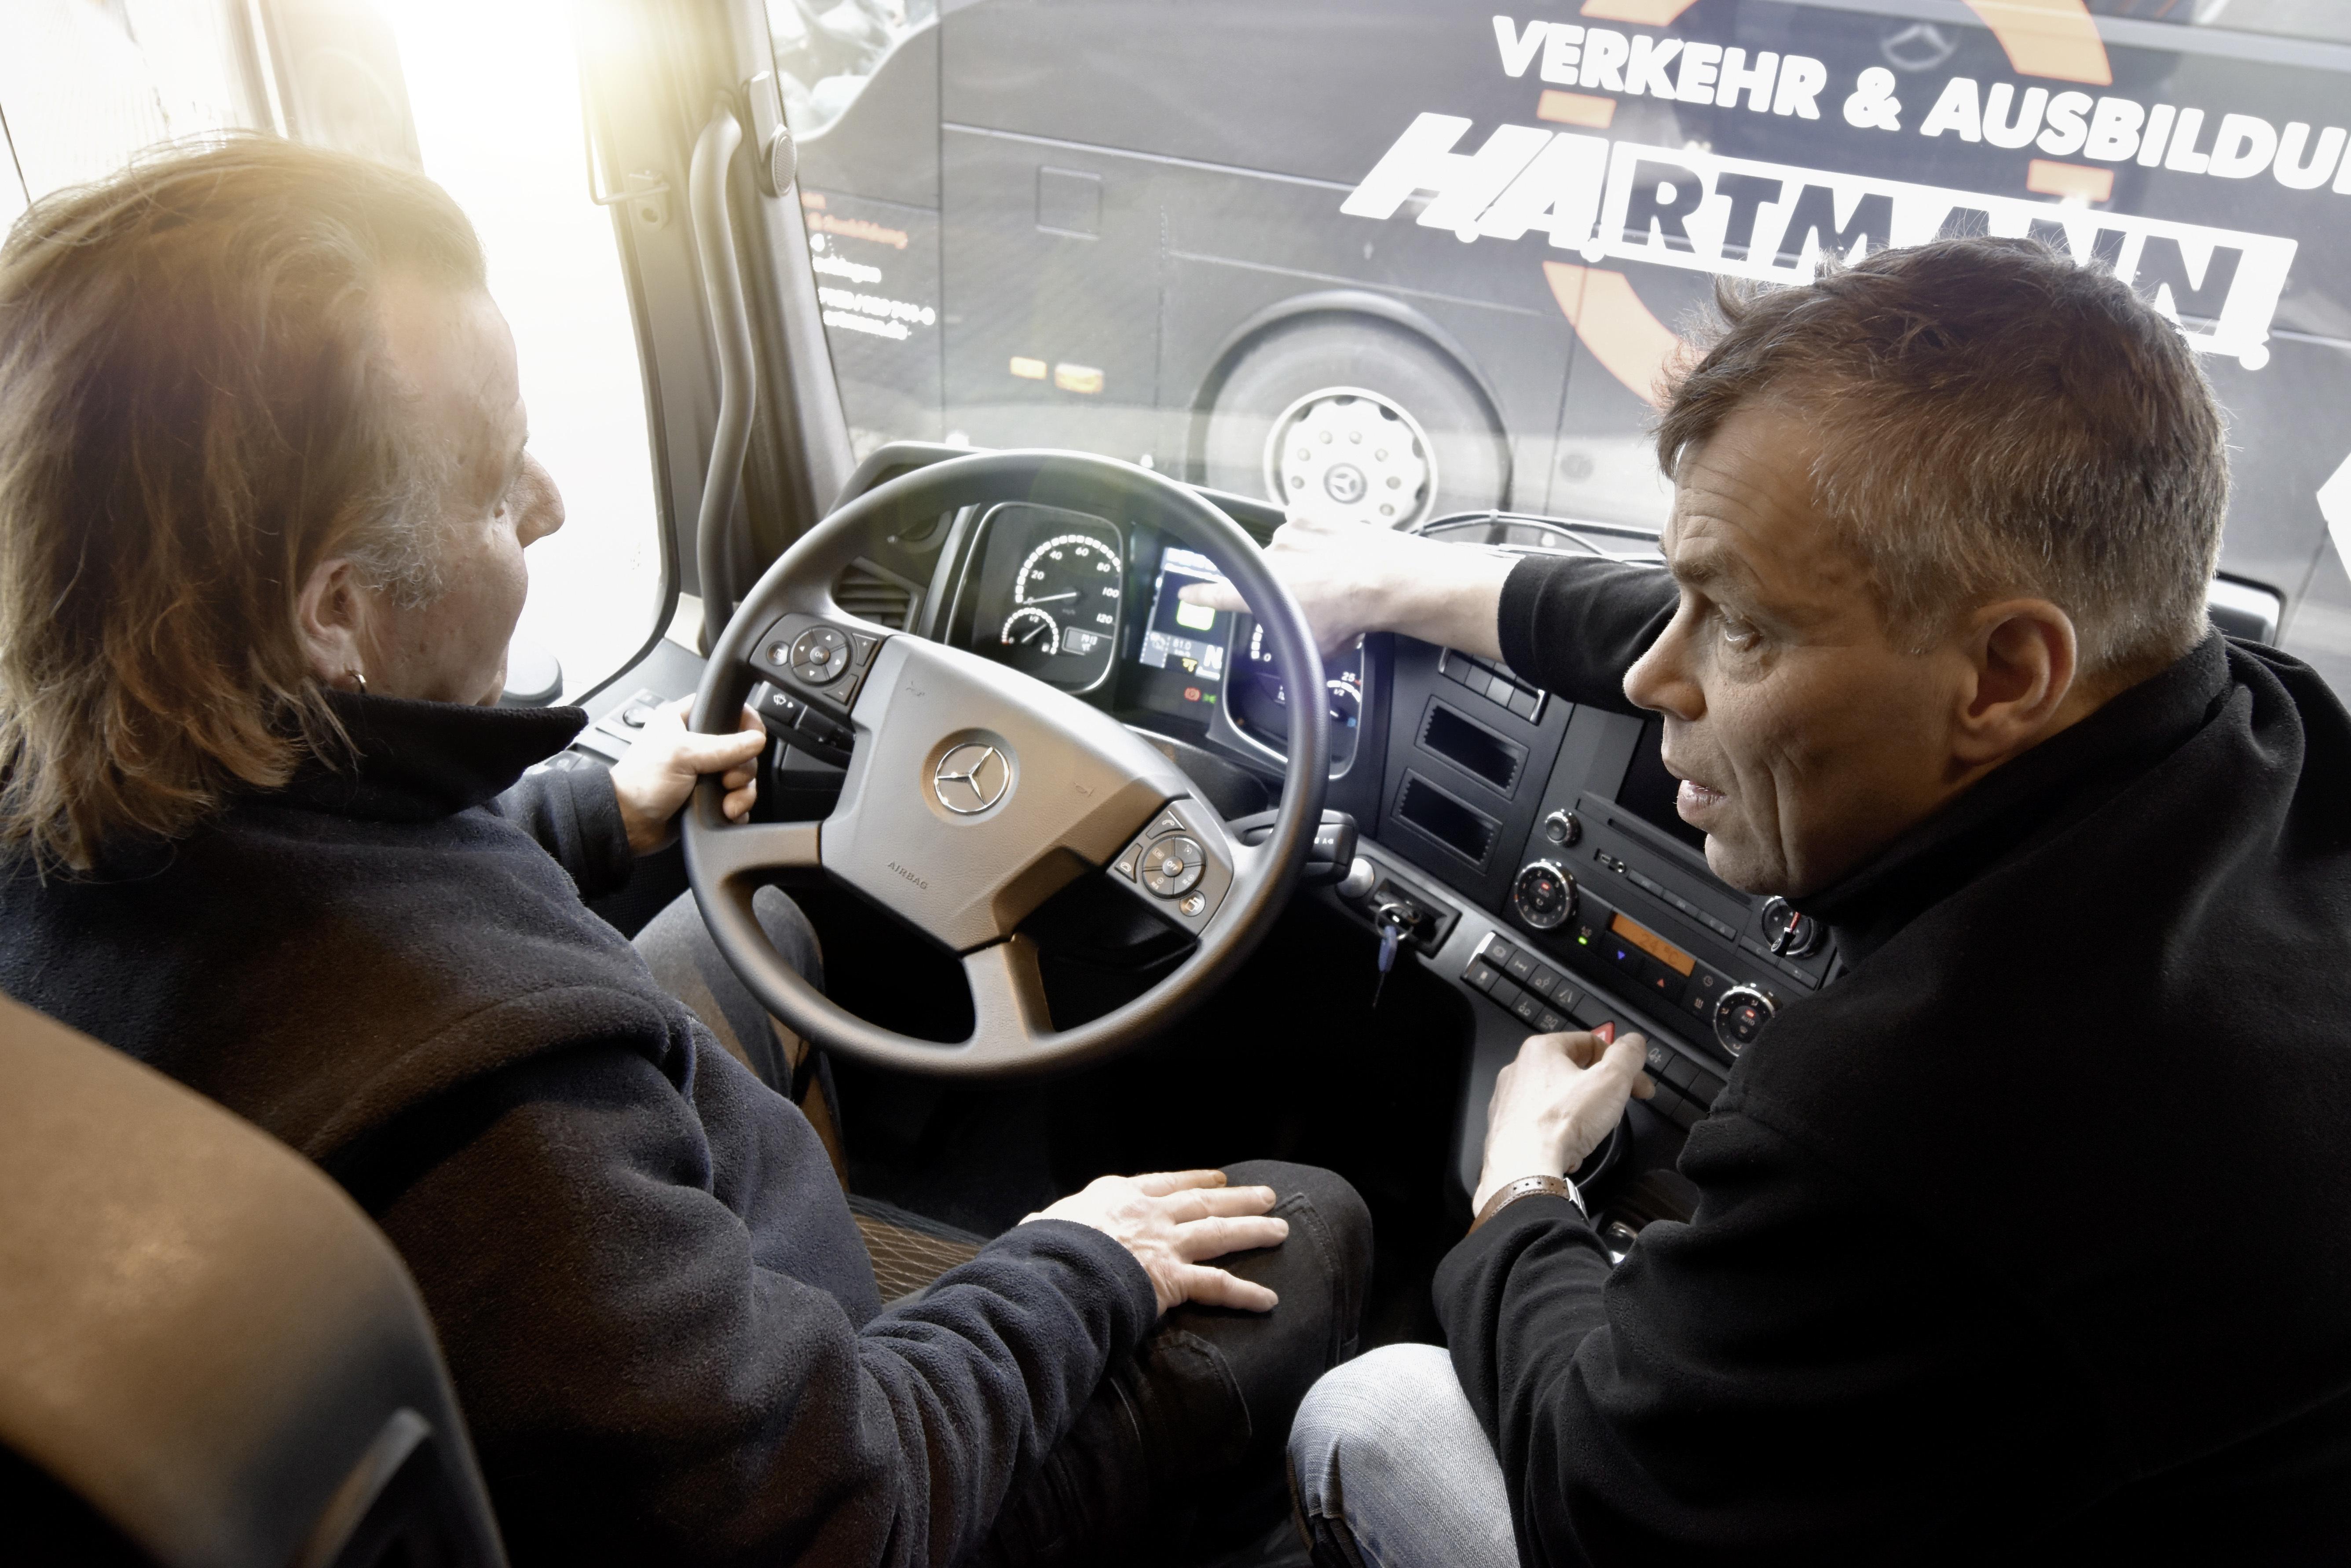 Fahrschulchef Hartmann (rechts) erläutert einem Fahrschüler den neu eingebauten ABA 4 und Abbiege-Assistent.